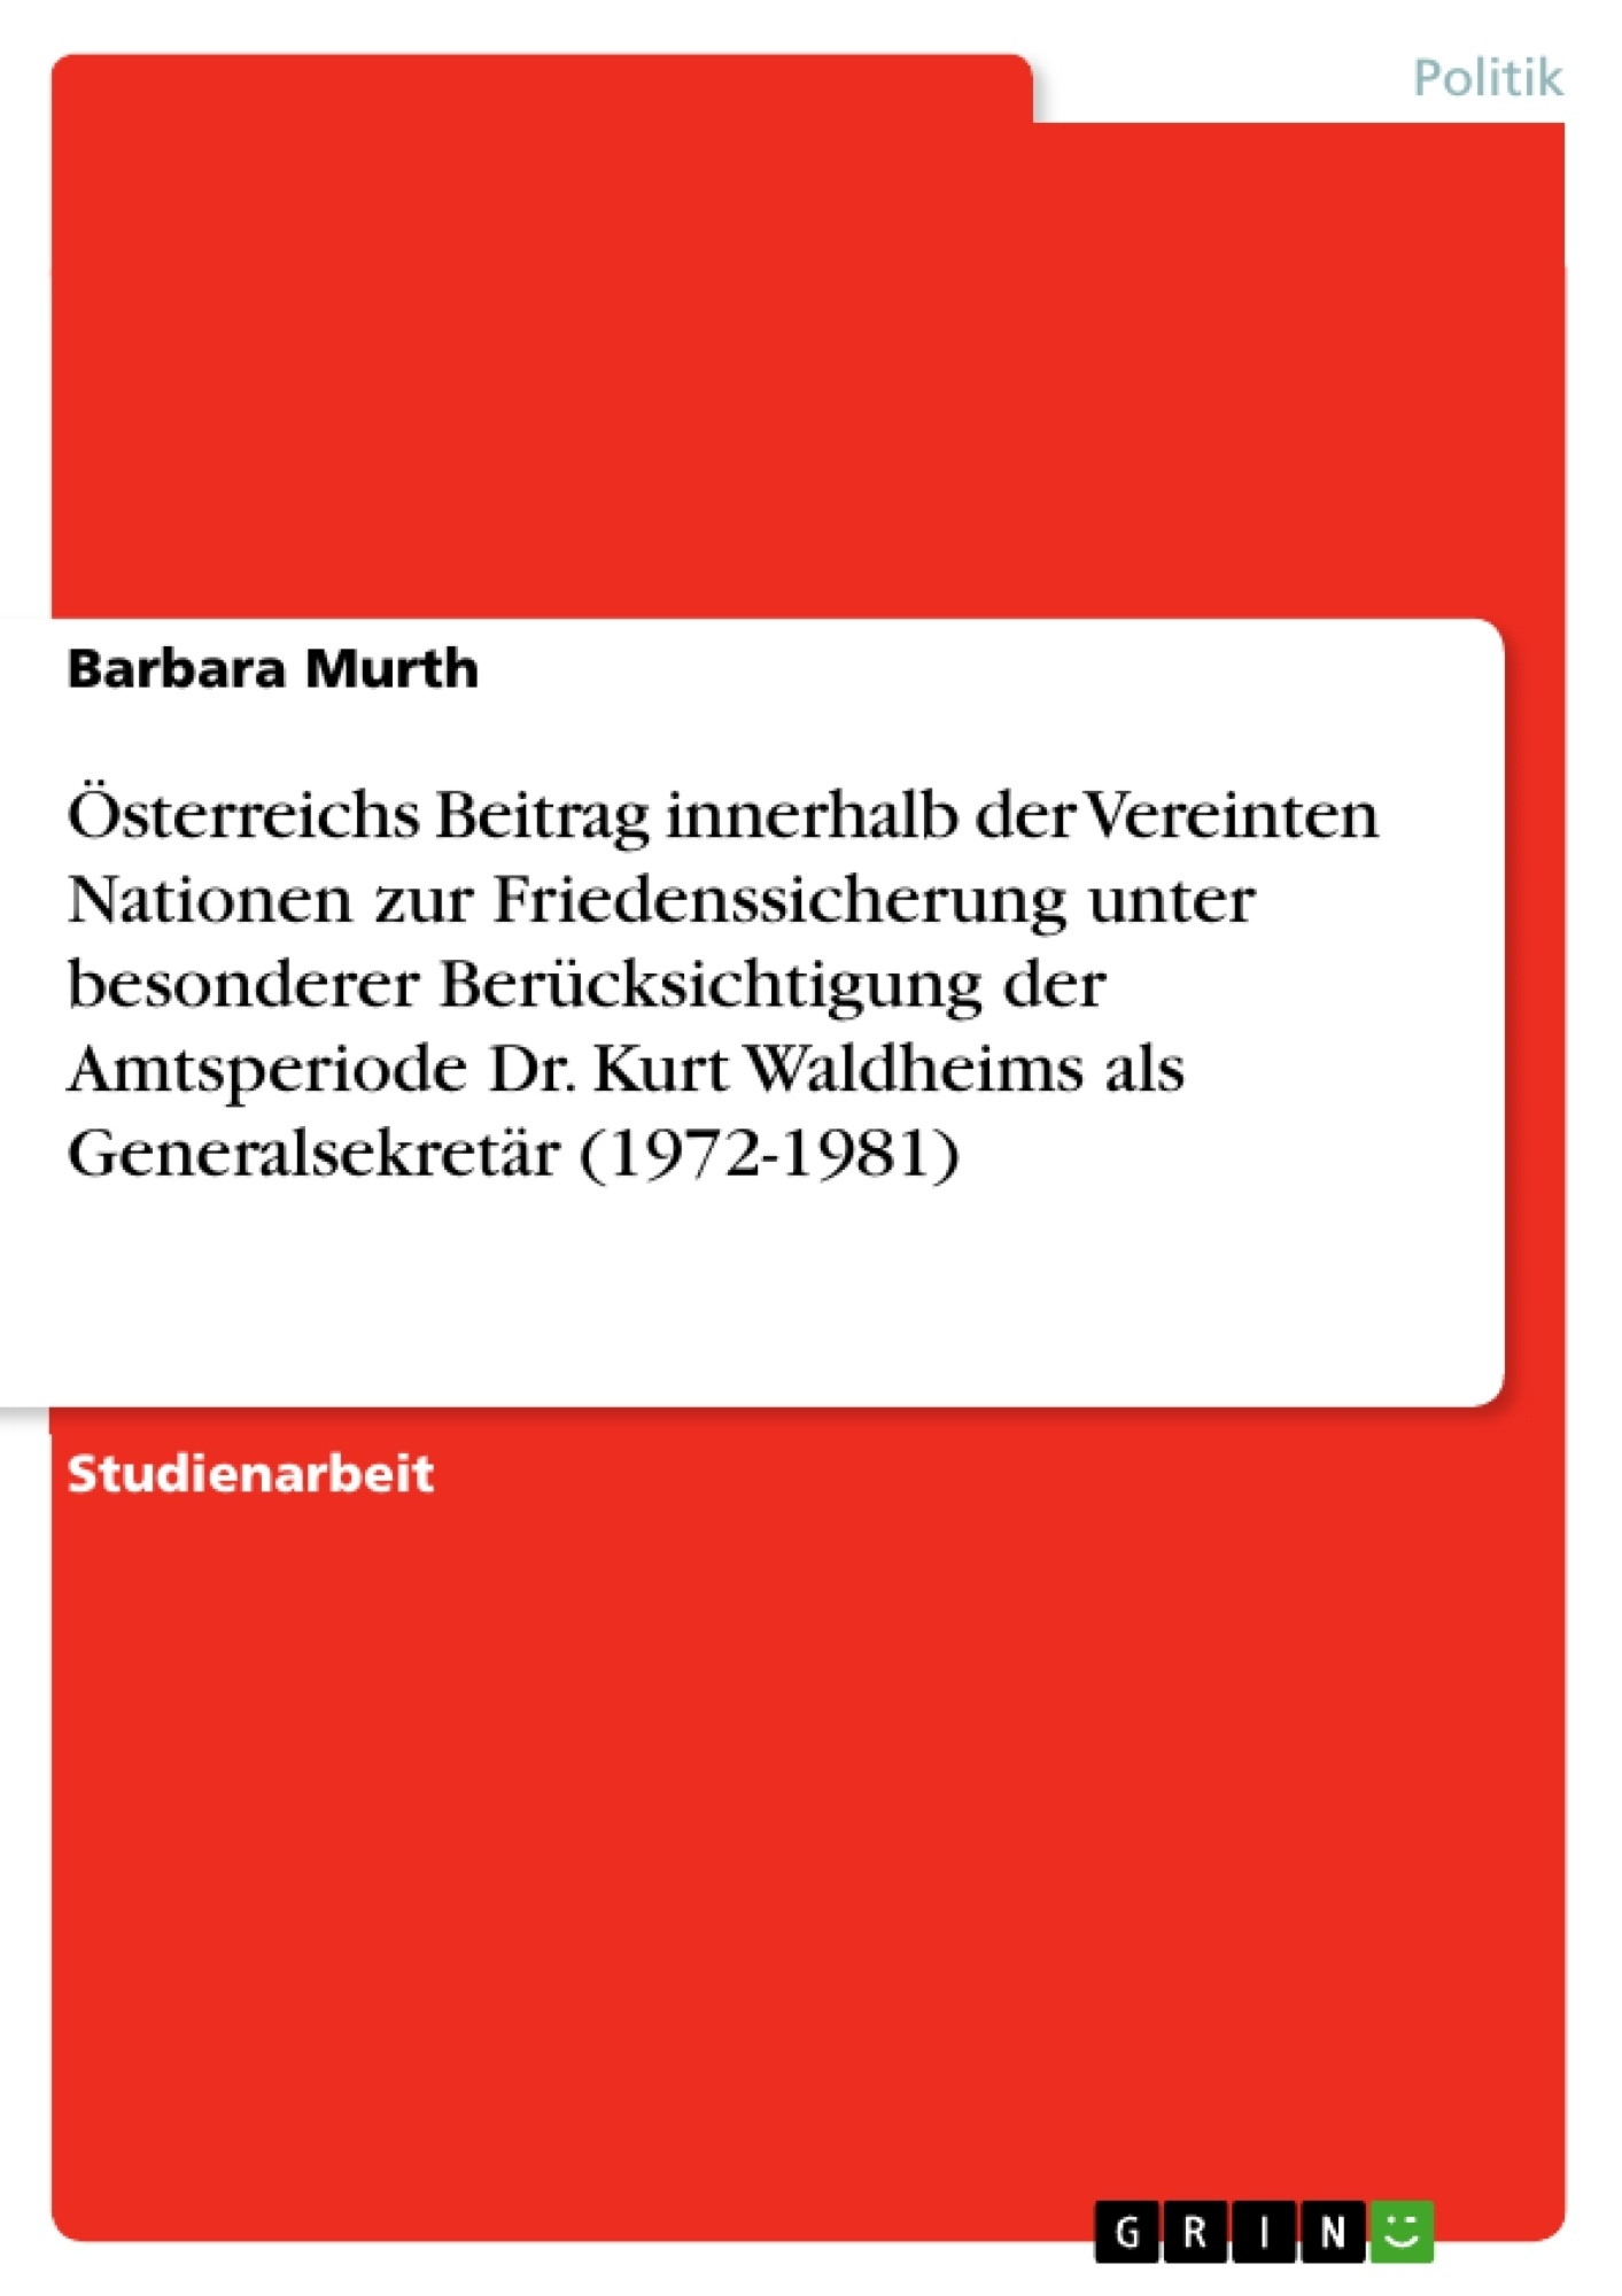 Titel: Österreichs Beitrag innerhalb der Vereinten Nationen zur Friedenssicherung unter besonderer Berücksichtigung der Amtsperiode Dr. Kurt Waldheims als Generalsekretär (1972-1981)